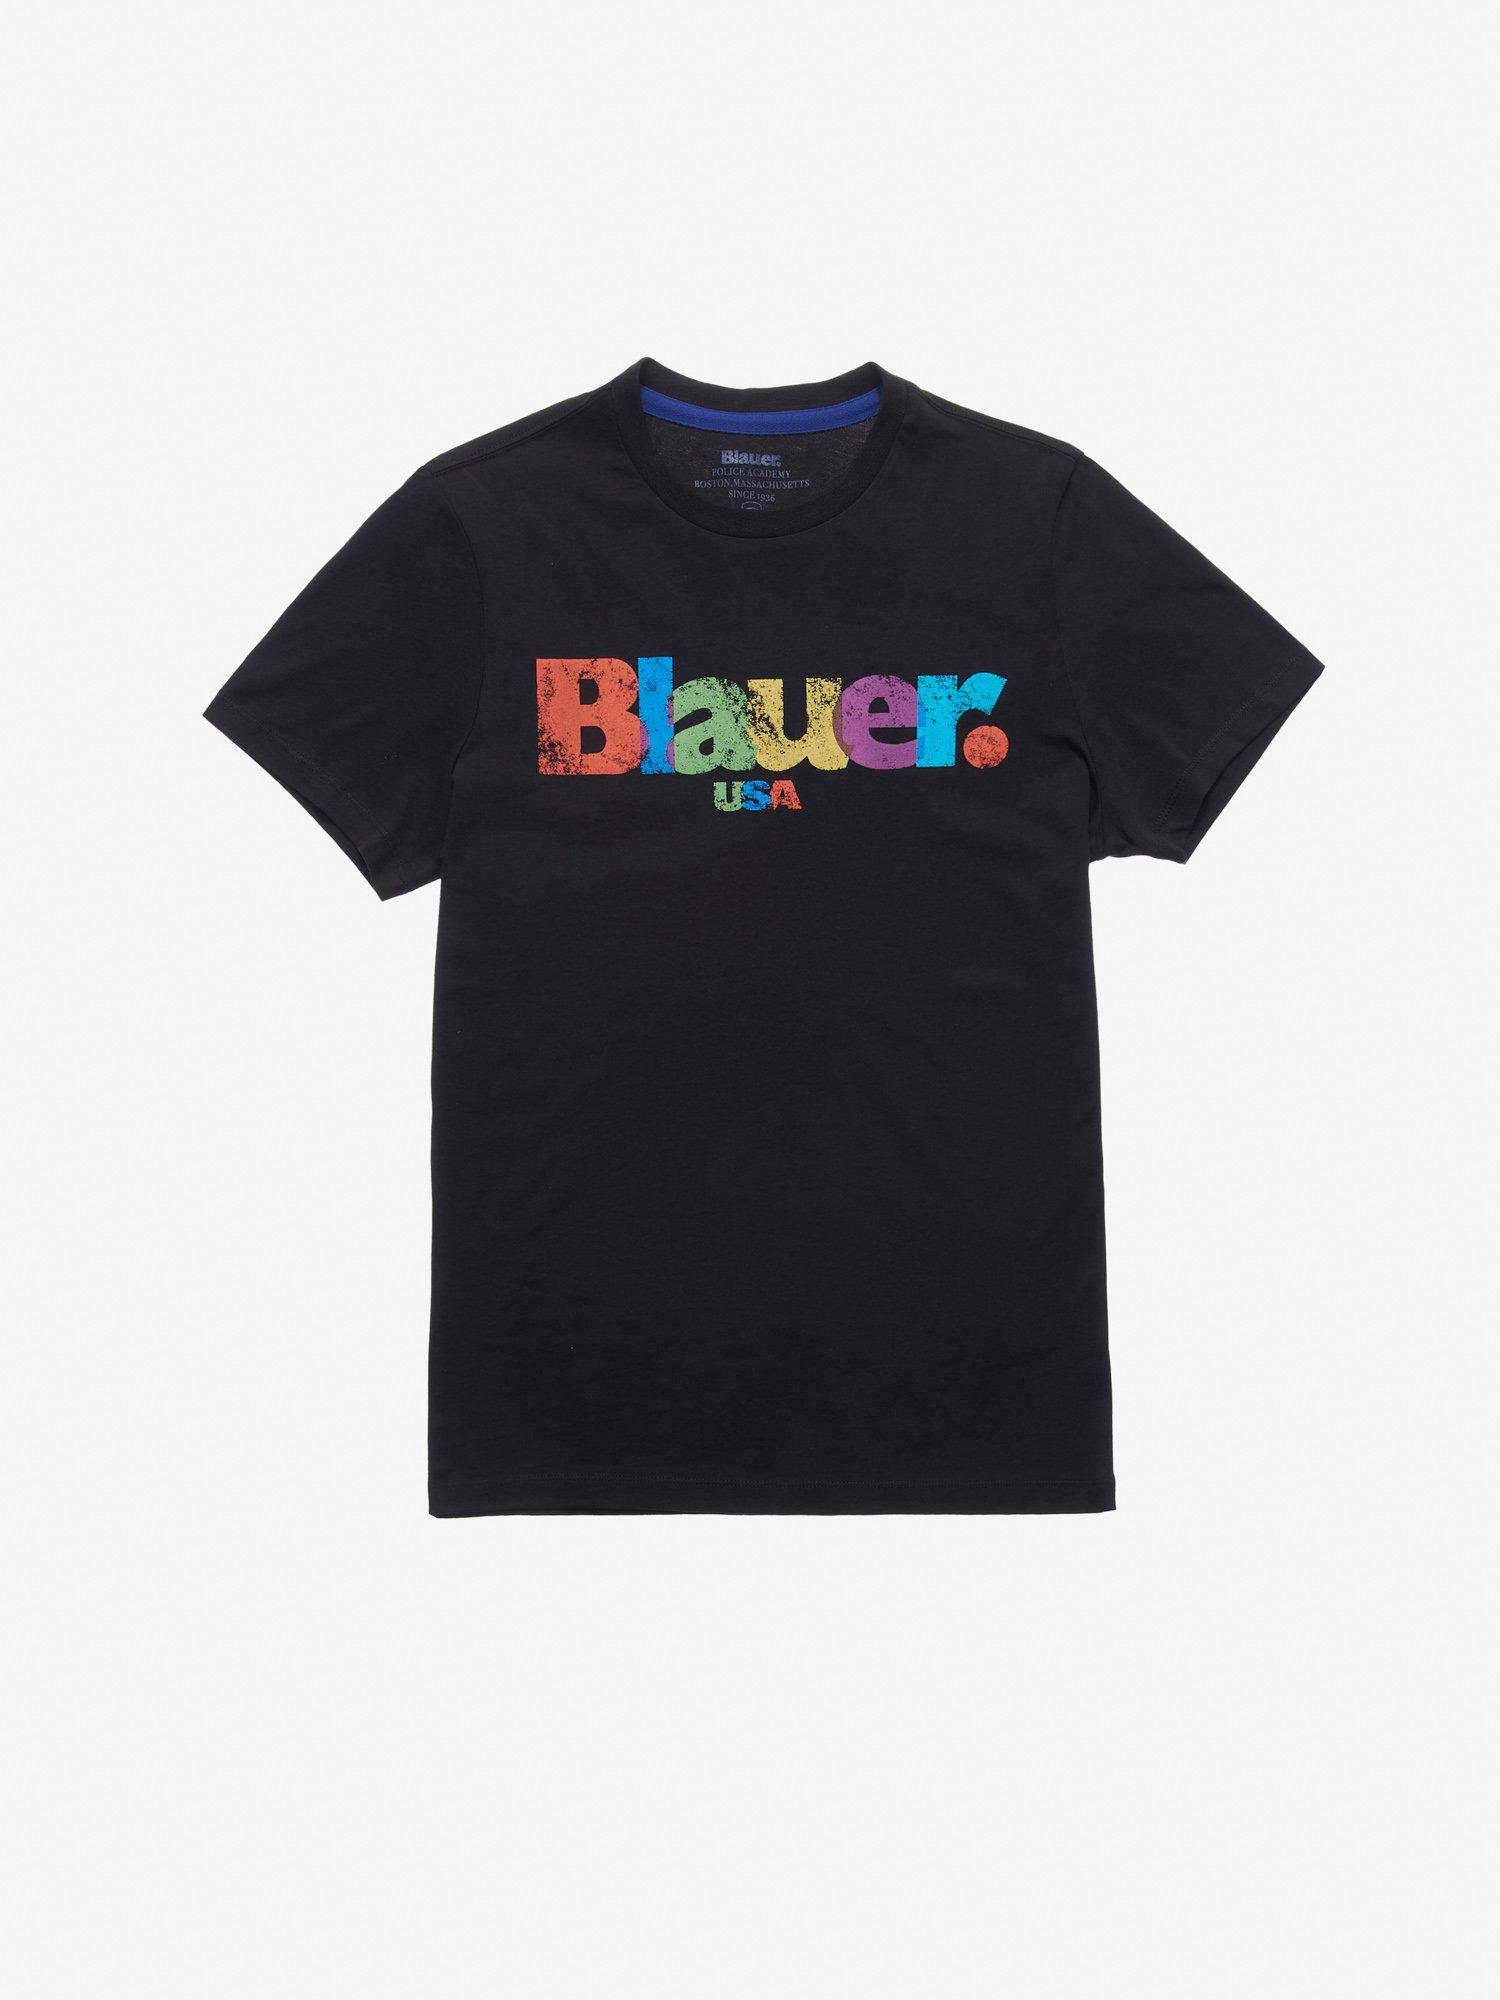 T-SHIRT MEHRFARBIGER AUFDRUCK - Blauer